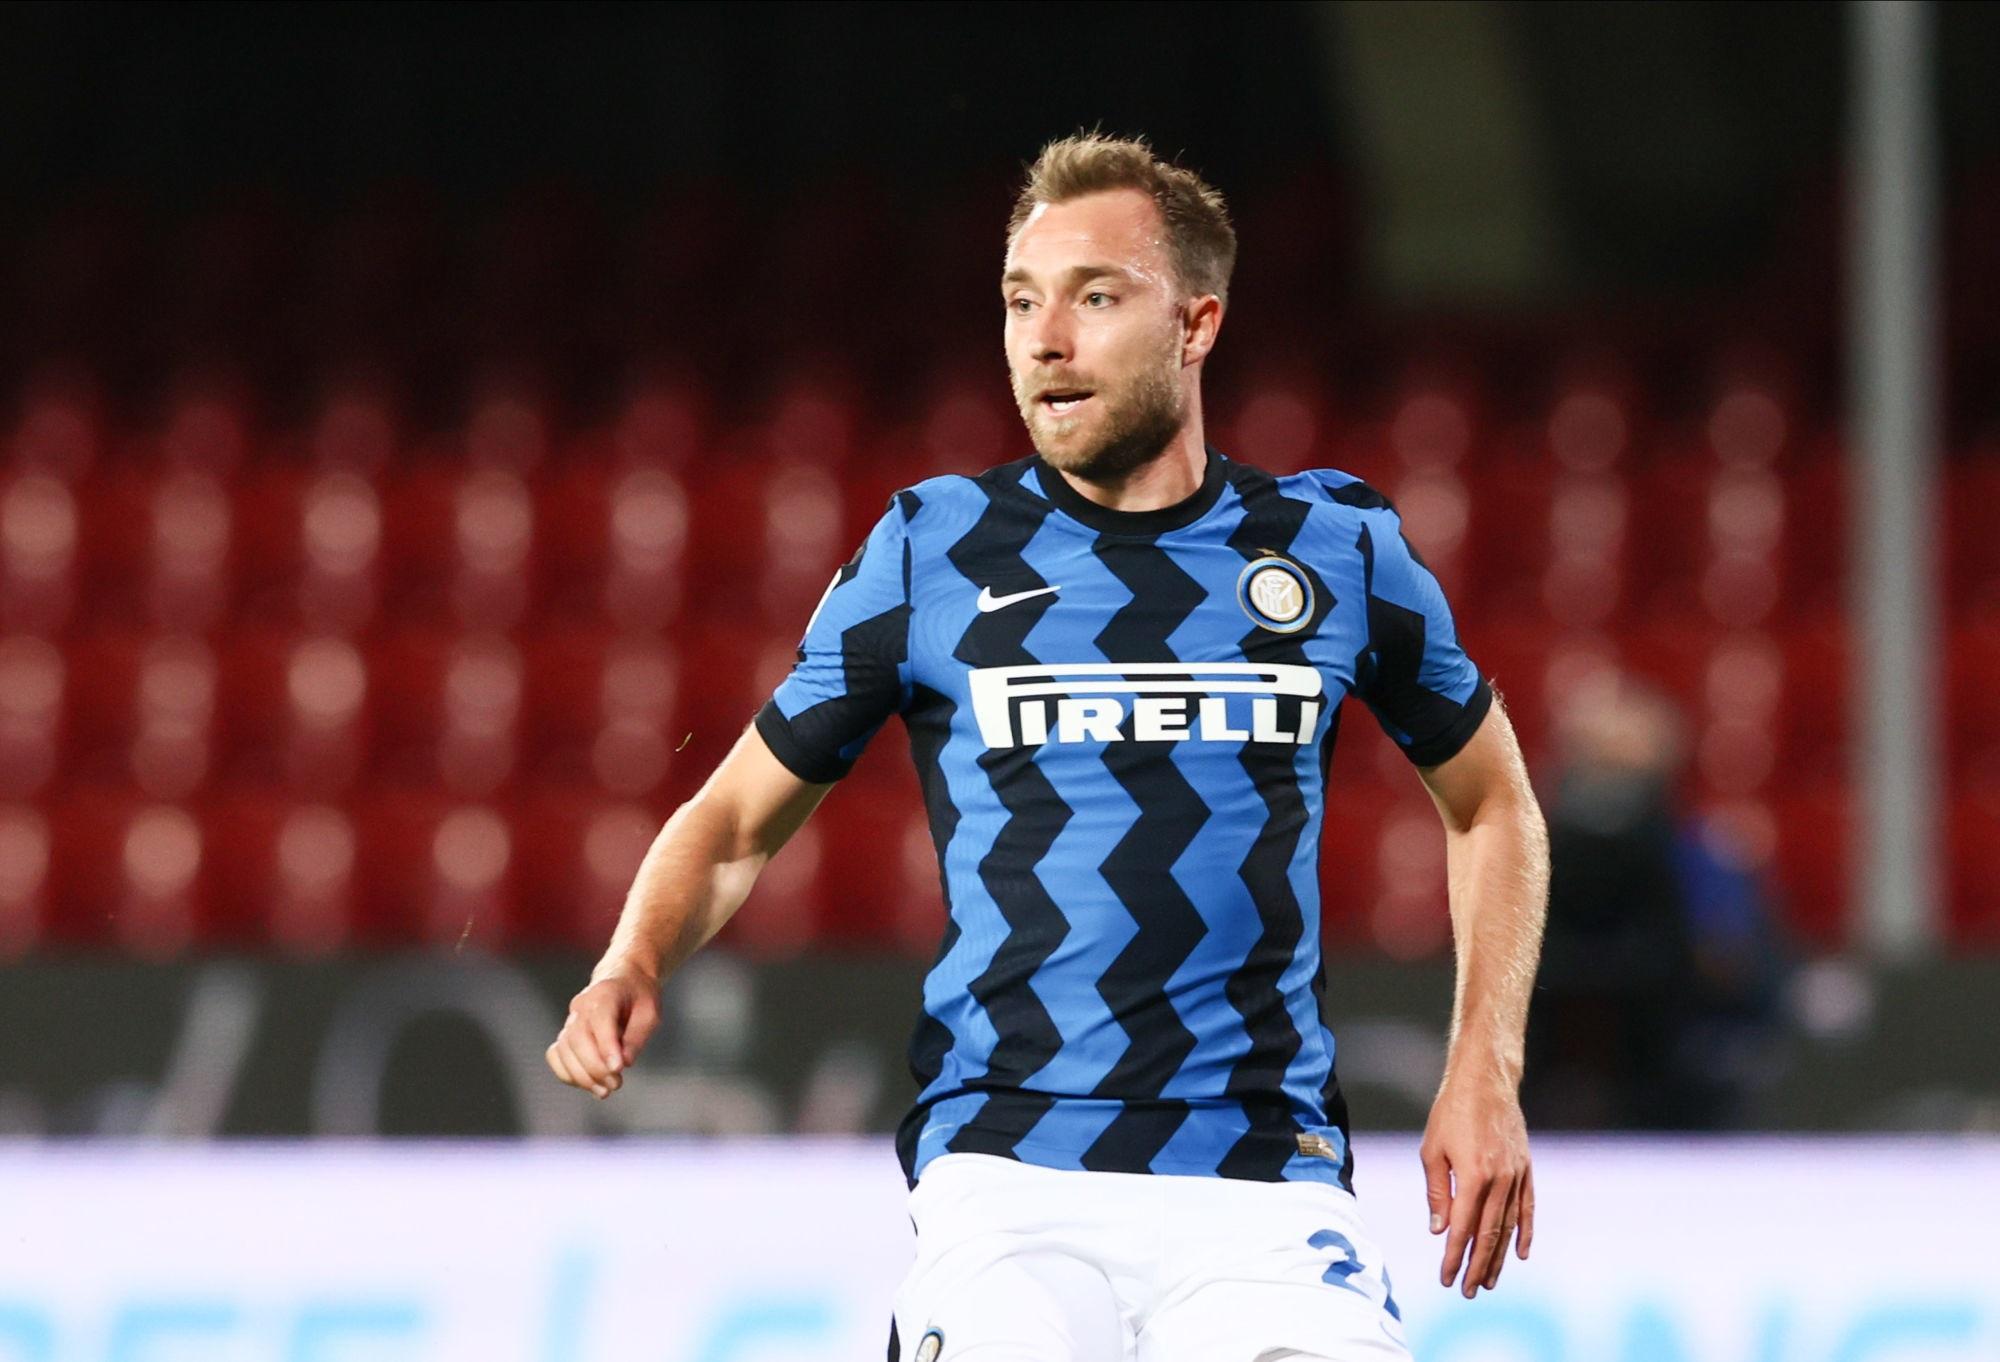 Mercato - Eriksen plutôt vers la Premier League et loin d'un transfert, selon Sky Italia